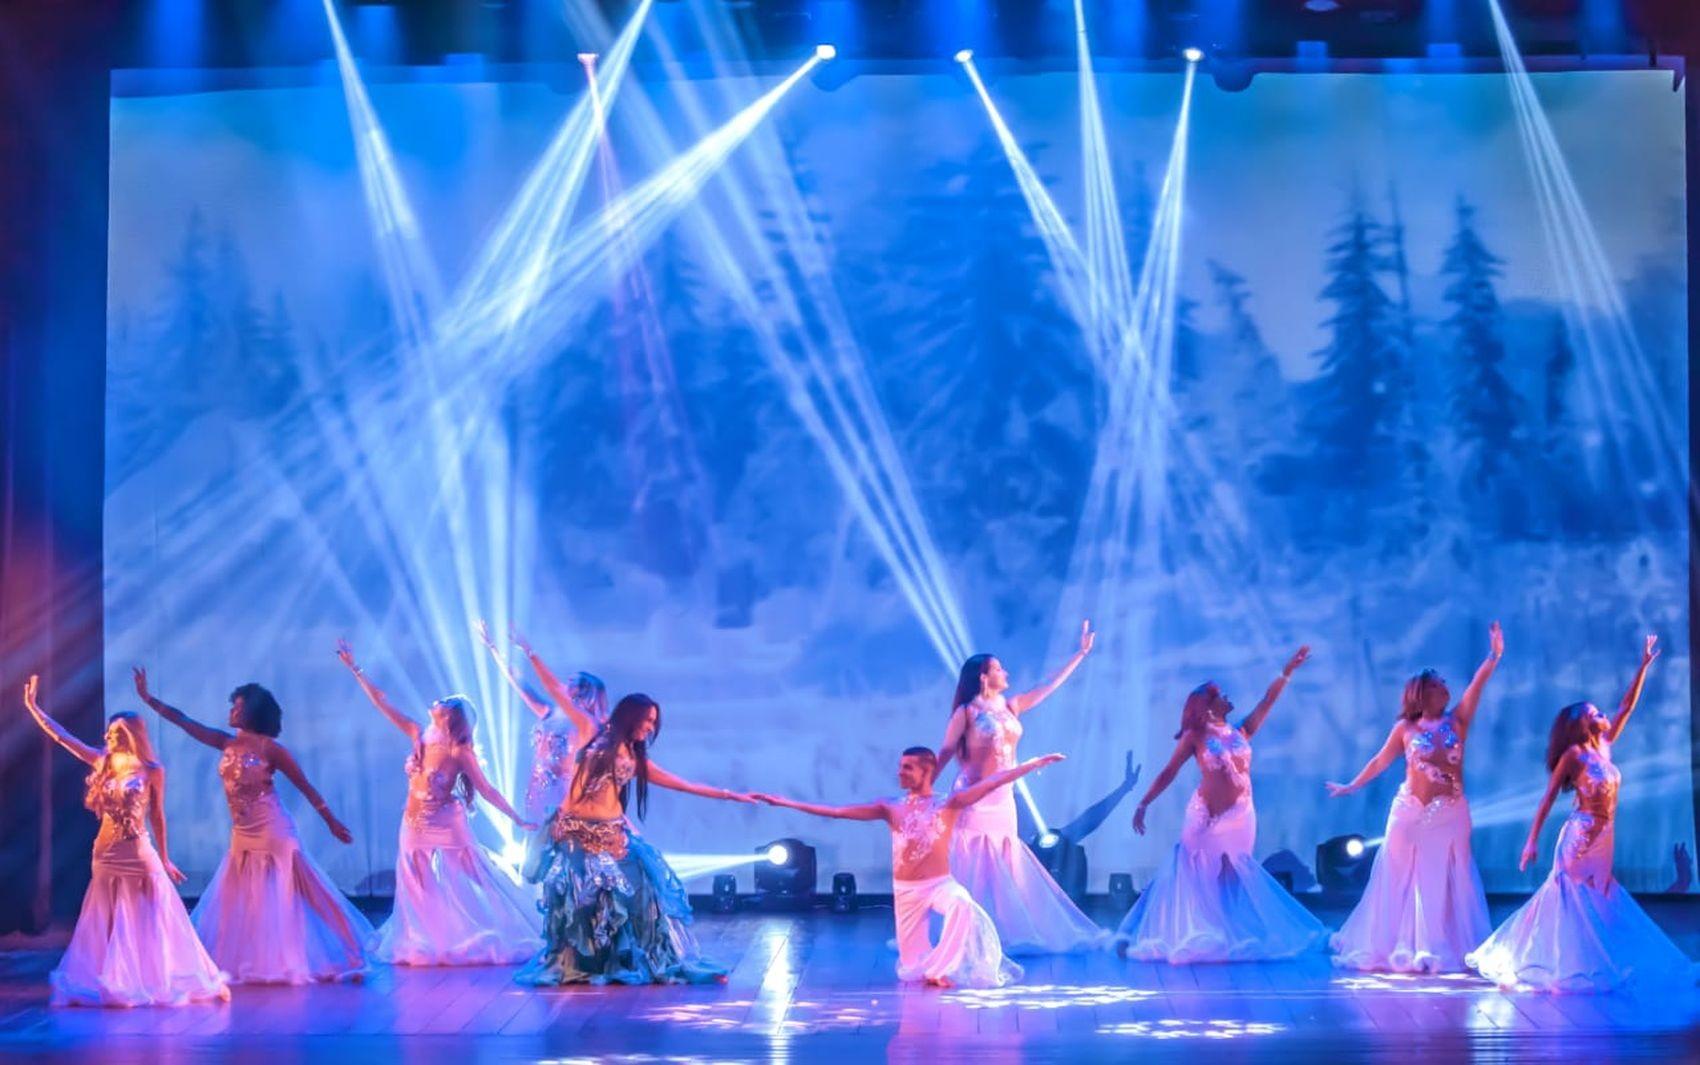 Festival de danças árabes acontece no final de julho - Notícias - Plantão Diário